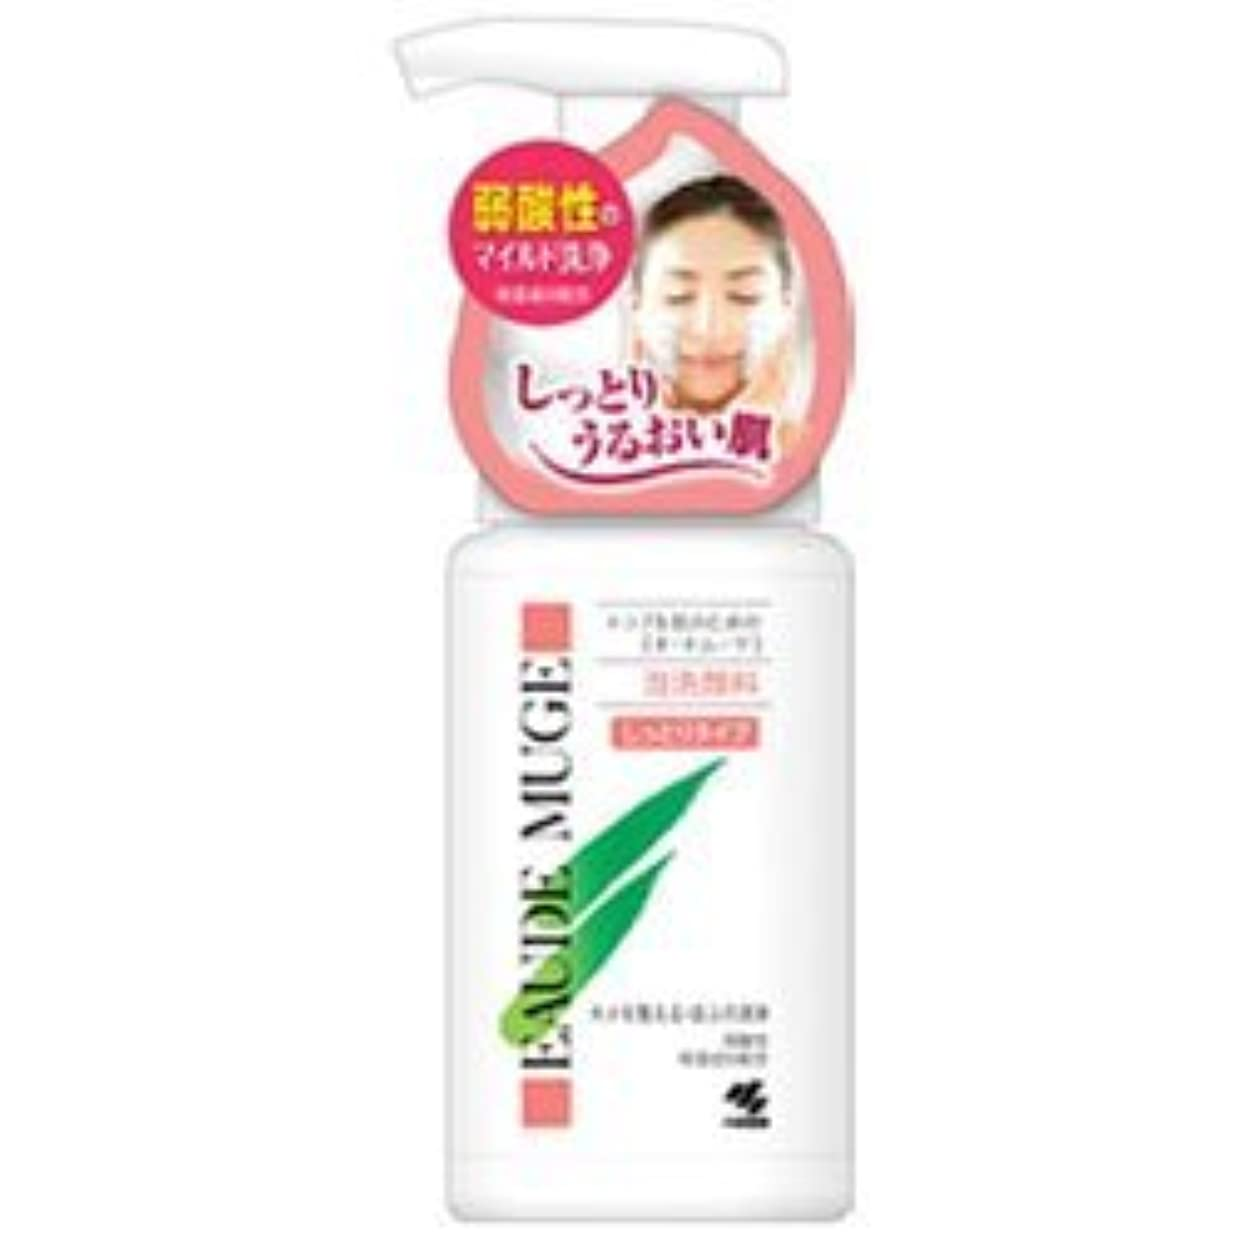 促す近くの間で【小林製薬】オードムーゲ 泡洗顔料 しっとりタイプ 150ml